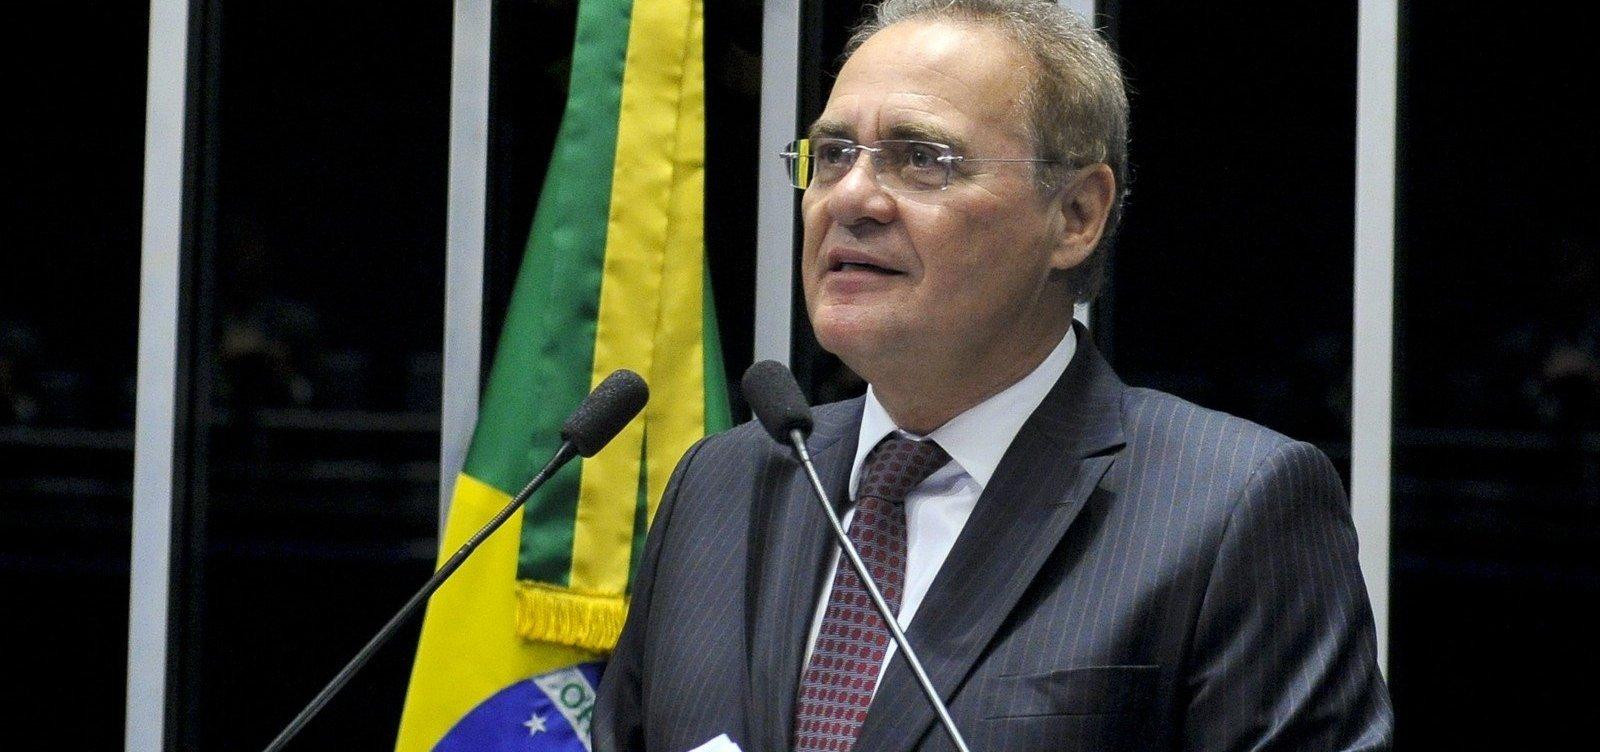 STJ recebe denúncia contra Renan Calheiros que vira réu pela primeira vez na Lava Jato